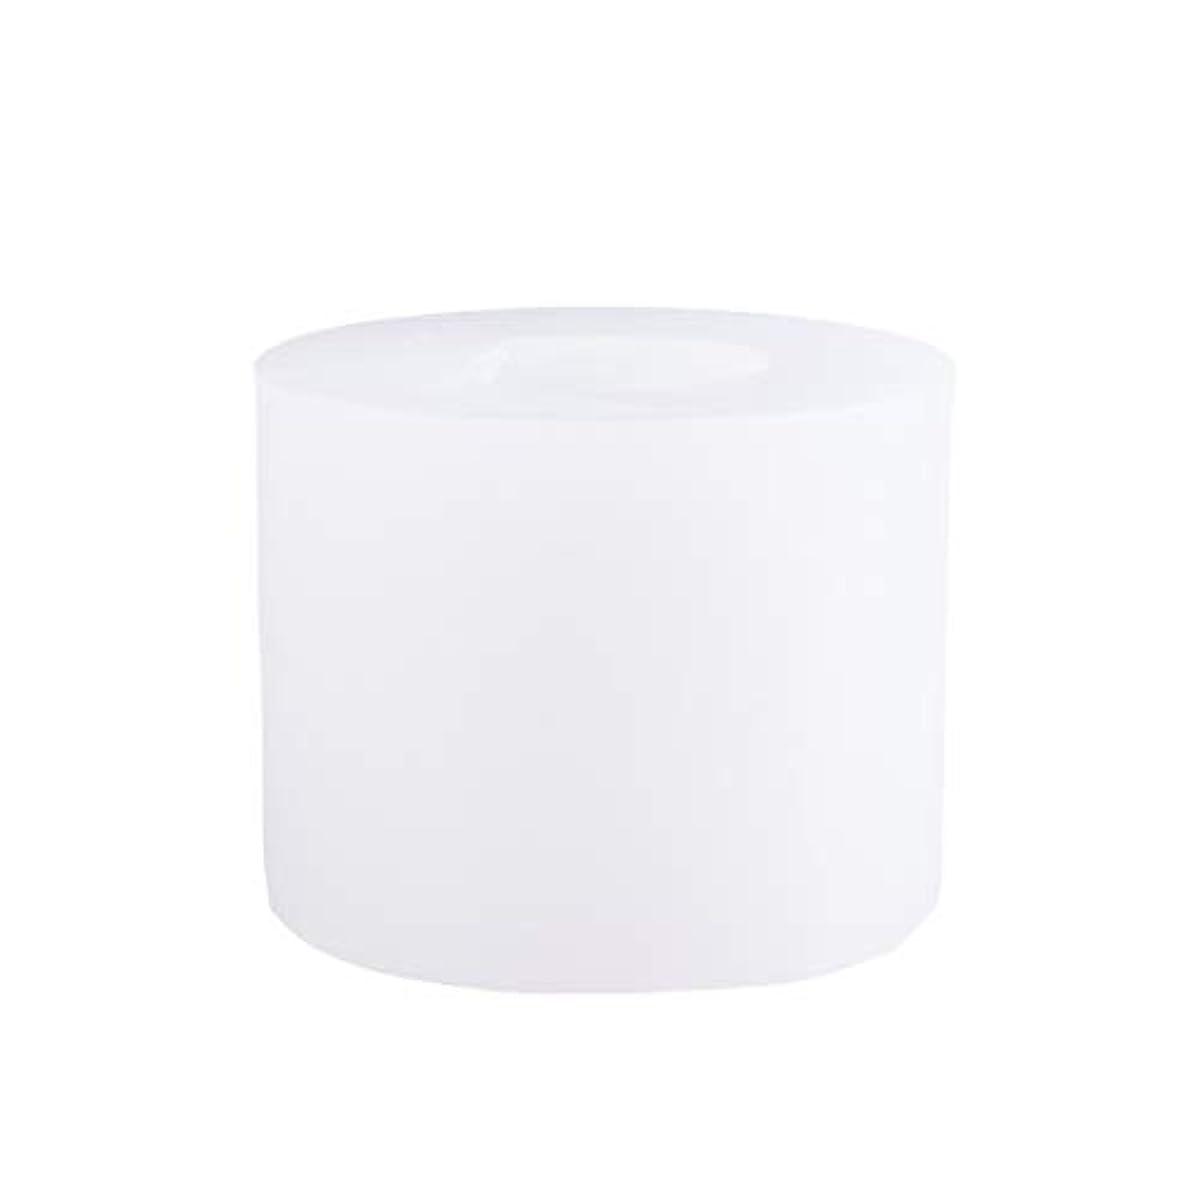 ゲージ姿勢画像SUPVOX 3Dシリコーンの香料入りの蝋燭型DIYの技術はフォンダンケーキ型を形成します